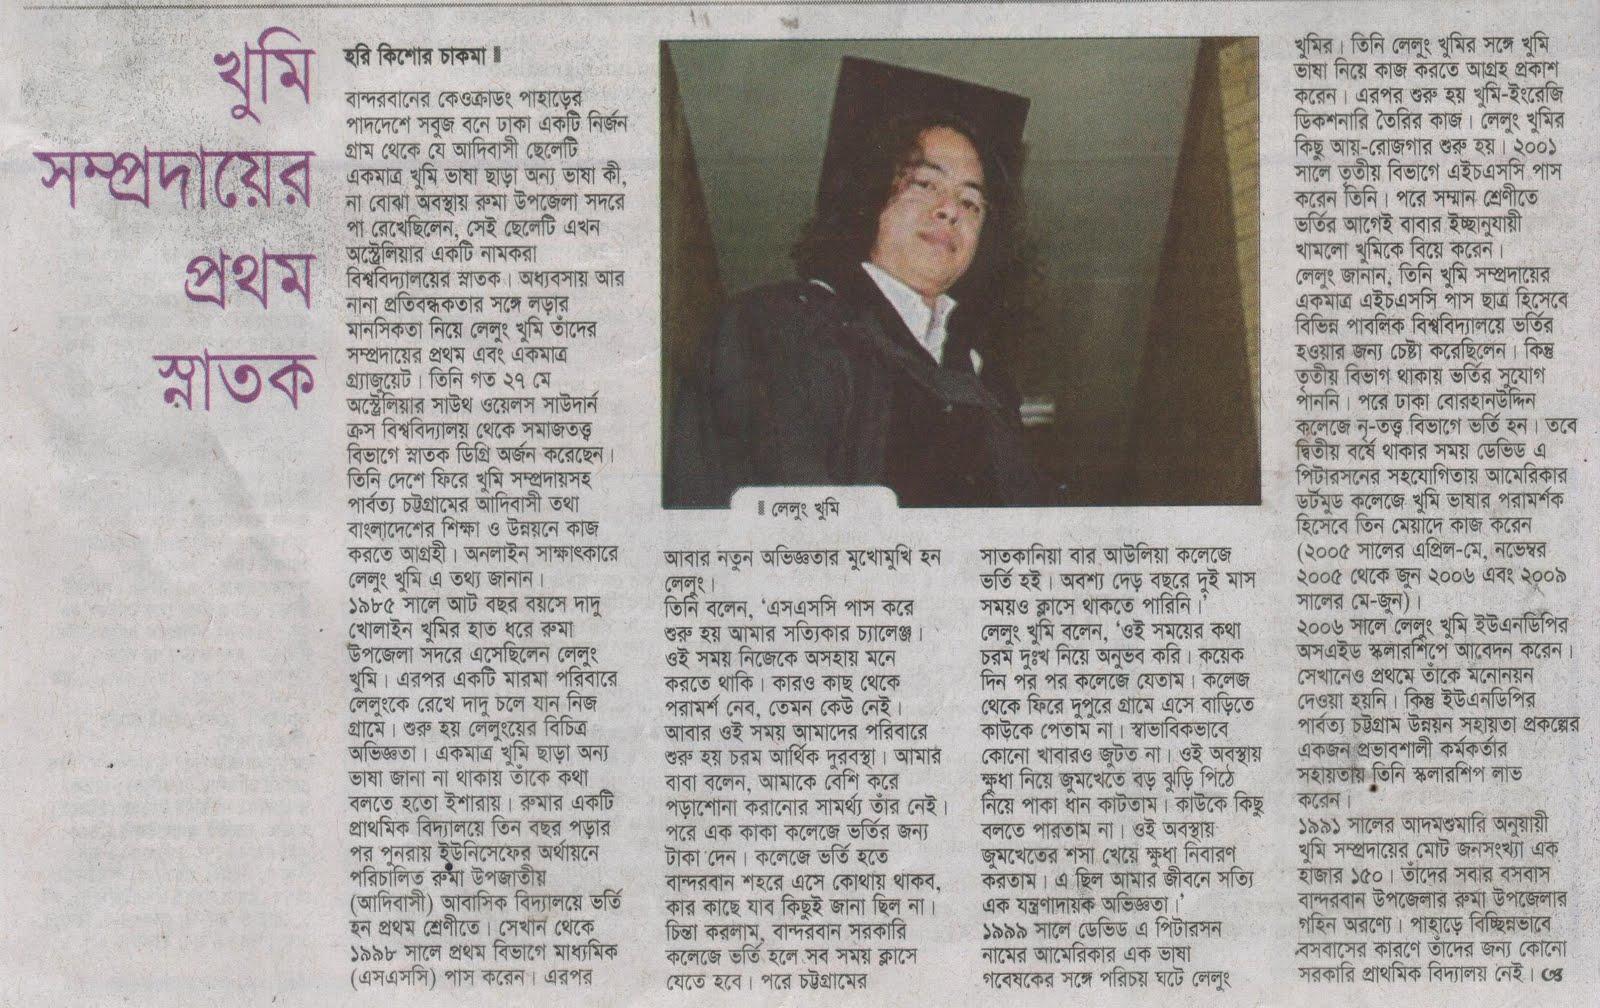 bhabhi ko choda first nite main